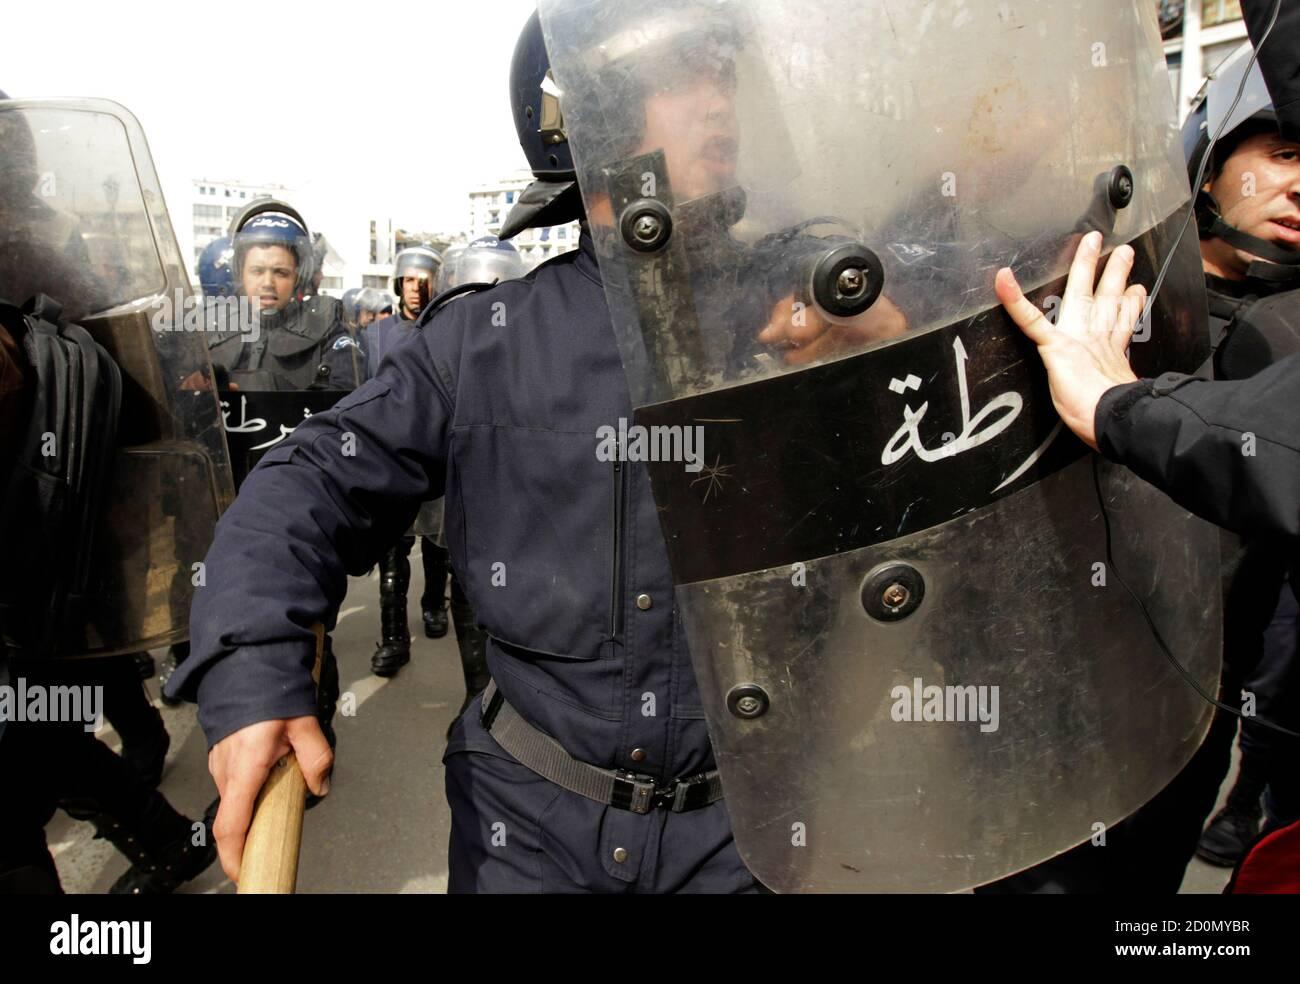 Ein Anti-Regierungs-Demonstranten drängt zurück Riot Policement während einer Demonstration in Algier 19. Februar 2011. Algerische Polizei in Kampfmontur am Samstag umgeben etwa 500 Demonstranten versucht, einen Marsch durch die Hauptstadt inspiriert durch Aufstände in anderen Teilen der arabischen Welt unter Missachtung eines Verbots zu inszenieren.  REUTERS/Zohra Bensemra (Algerien - Tags: Politik Unruhen) Stockfoto